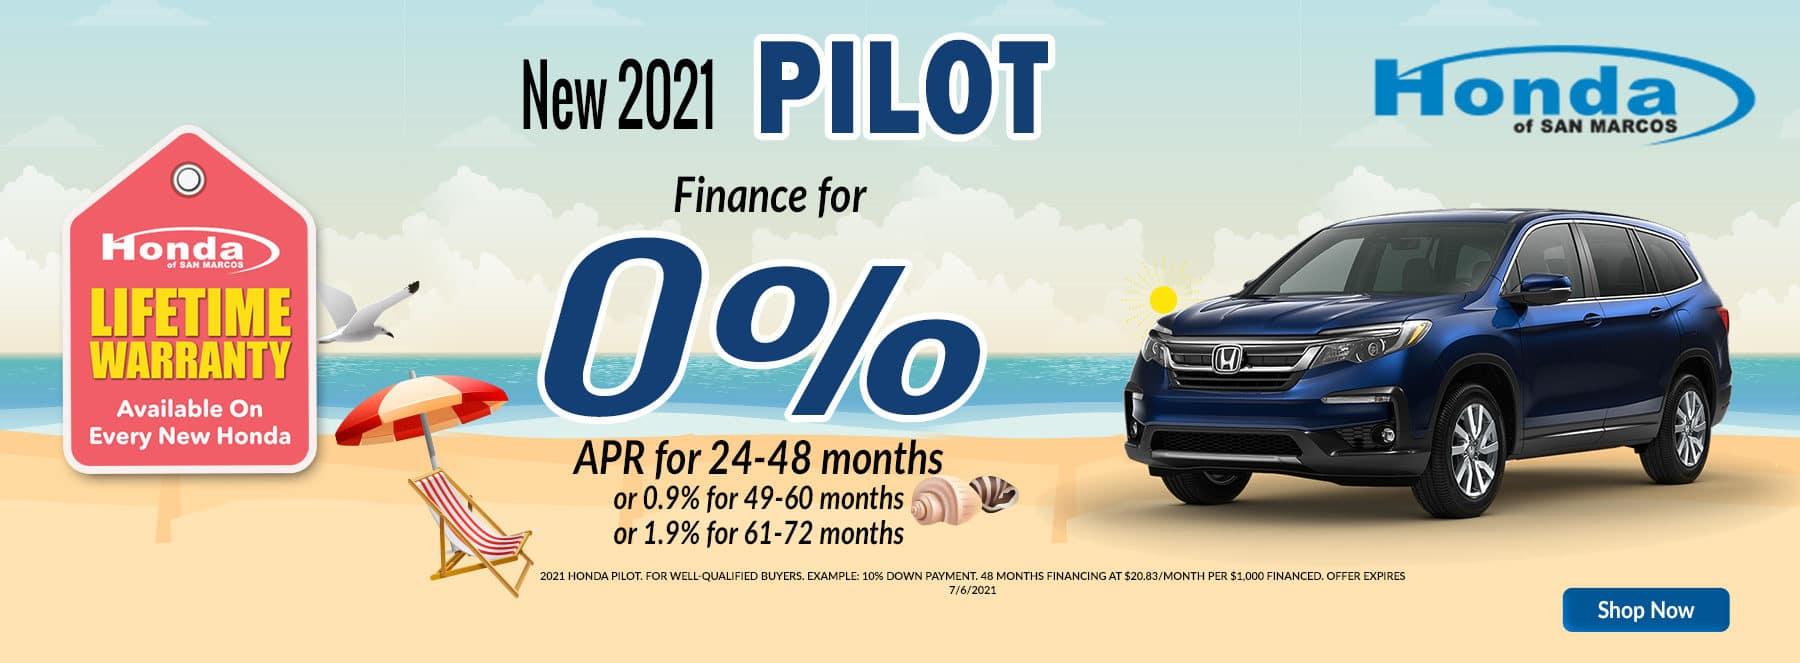 2021 Pilot Finance